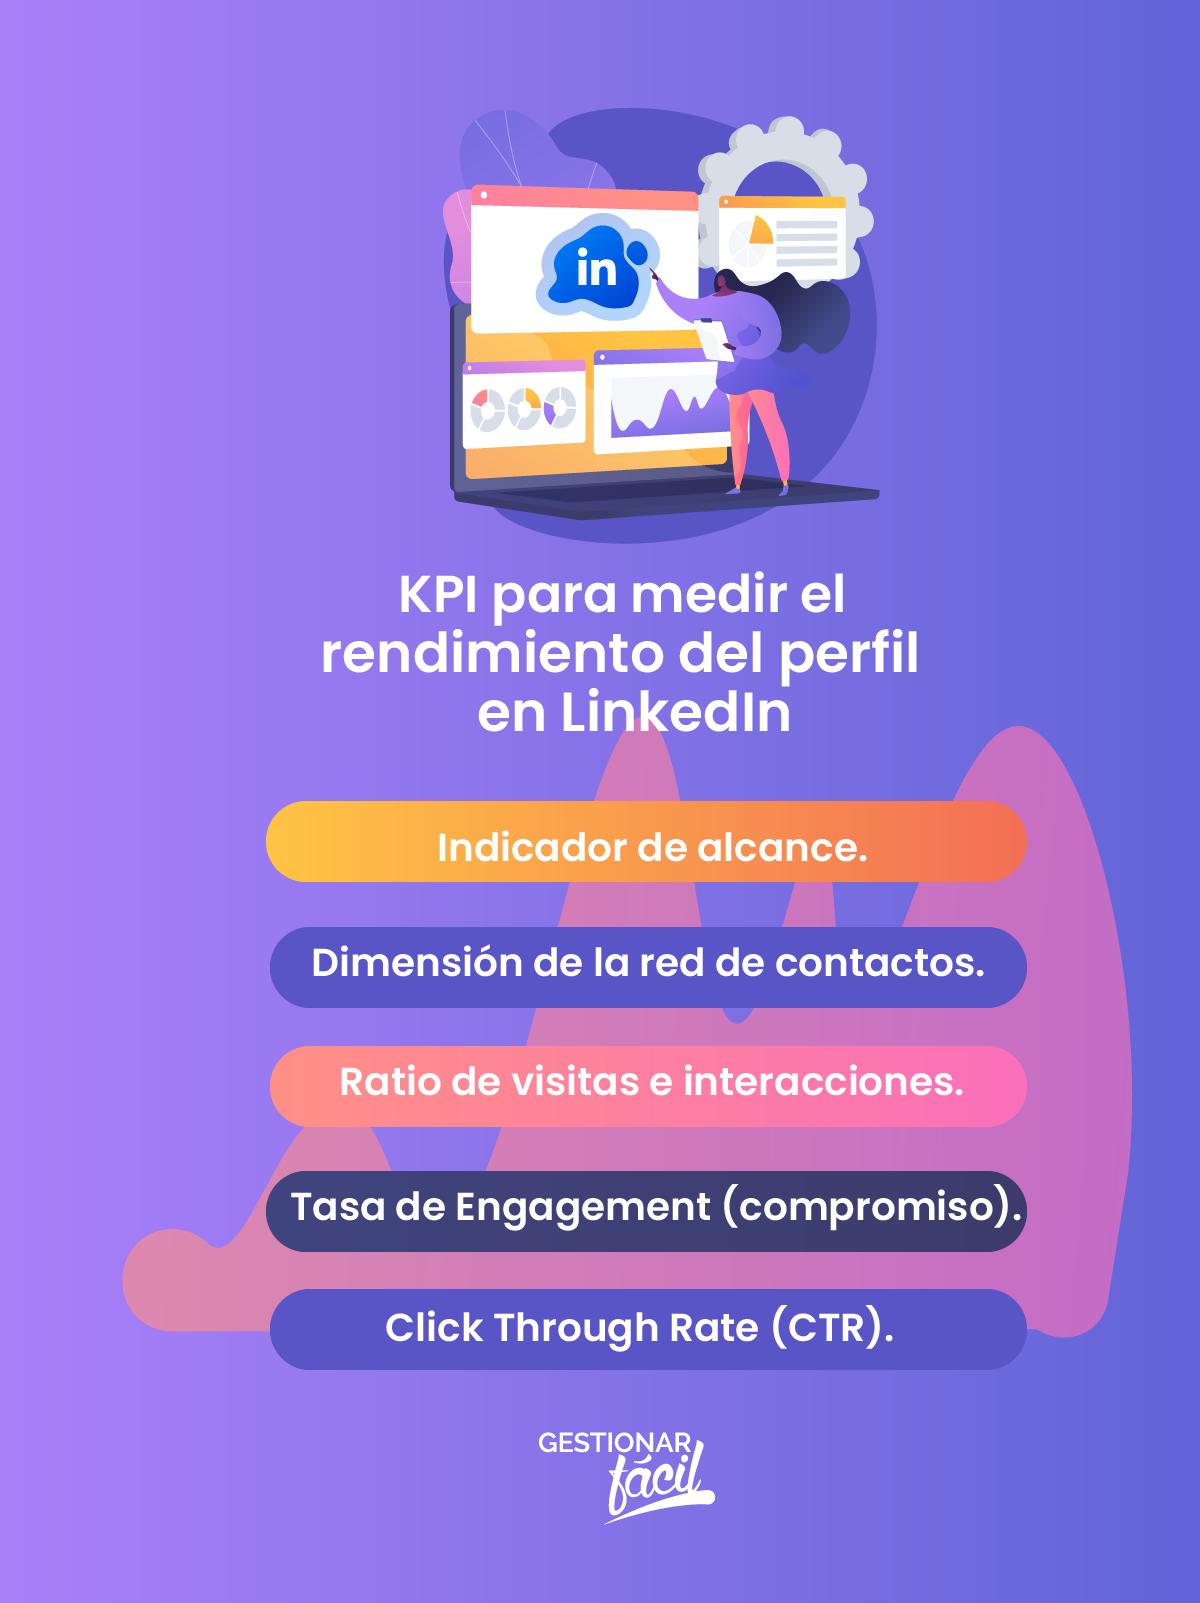 KPI para medir el rendimiento del perfil en LinkedIn